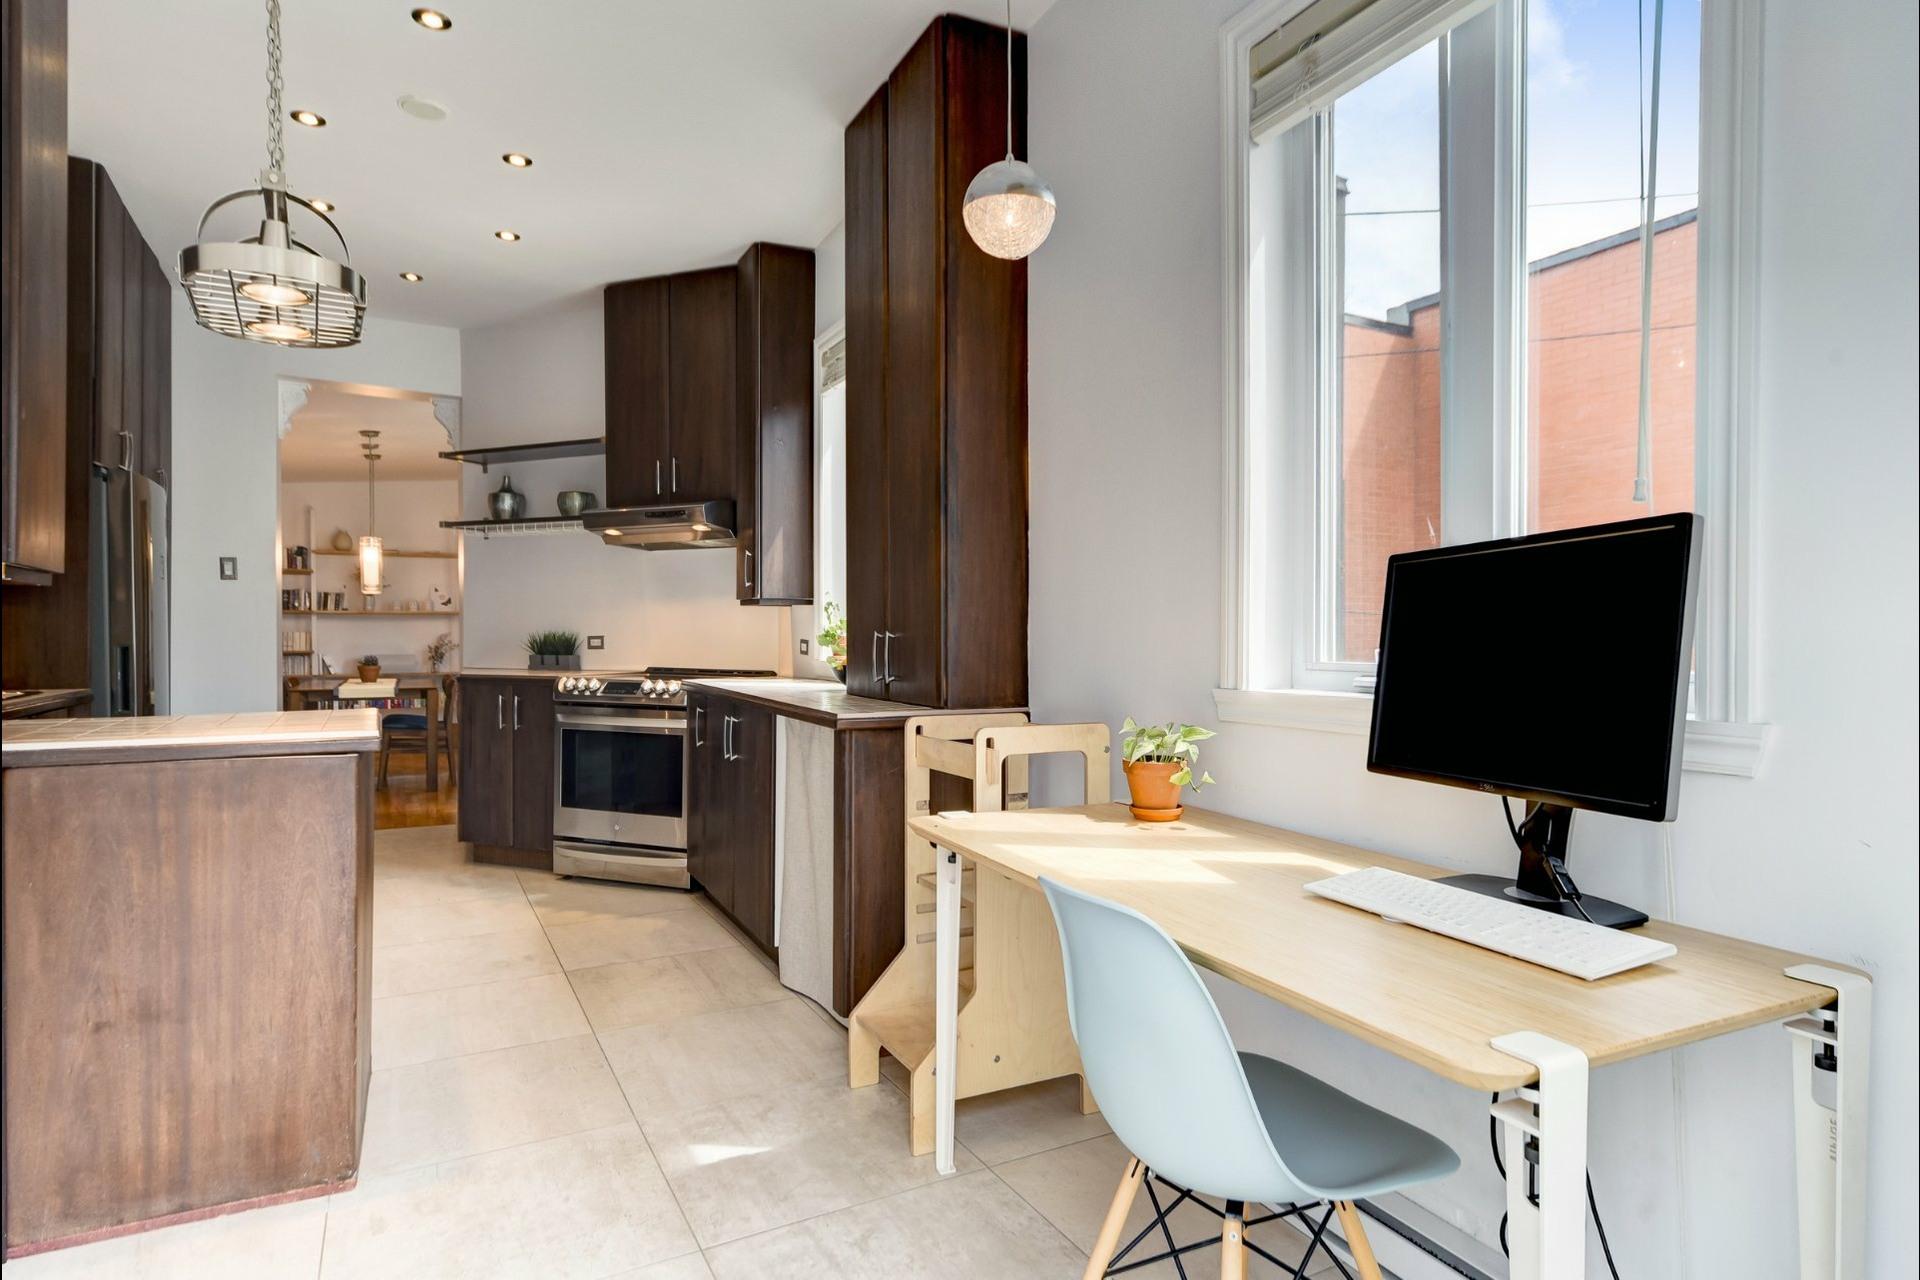 image 8 - 公寓 出售 Le Plateau-Mont-Royal Montréal  - 6 室